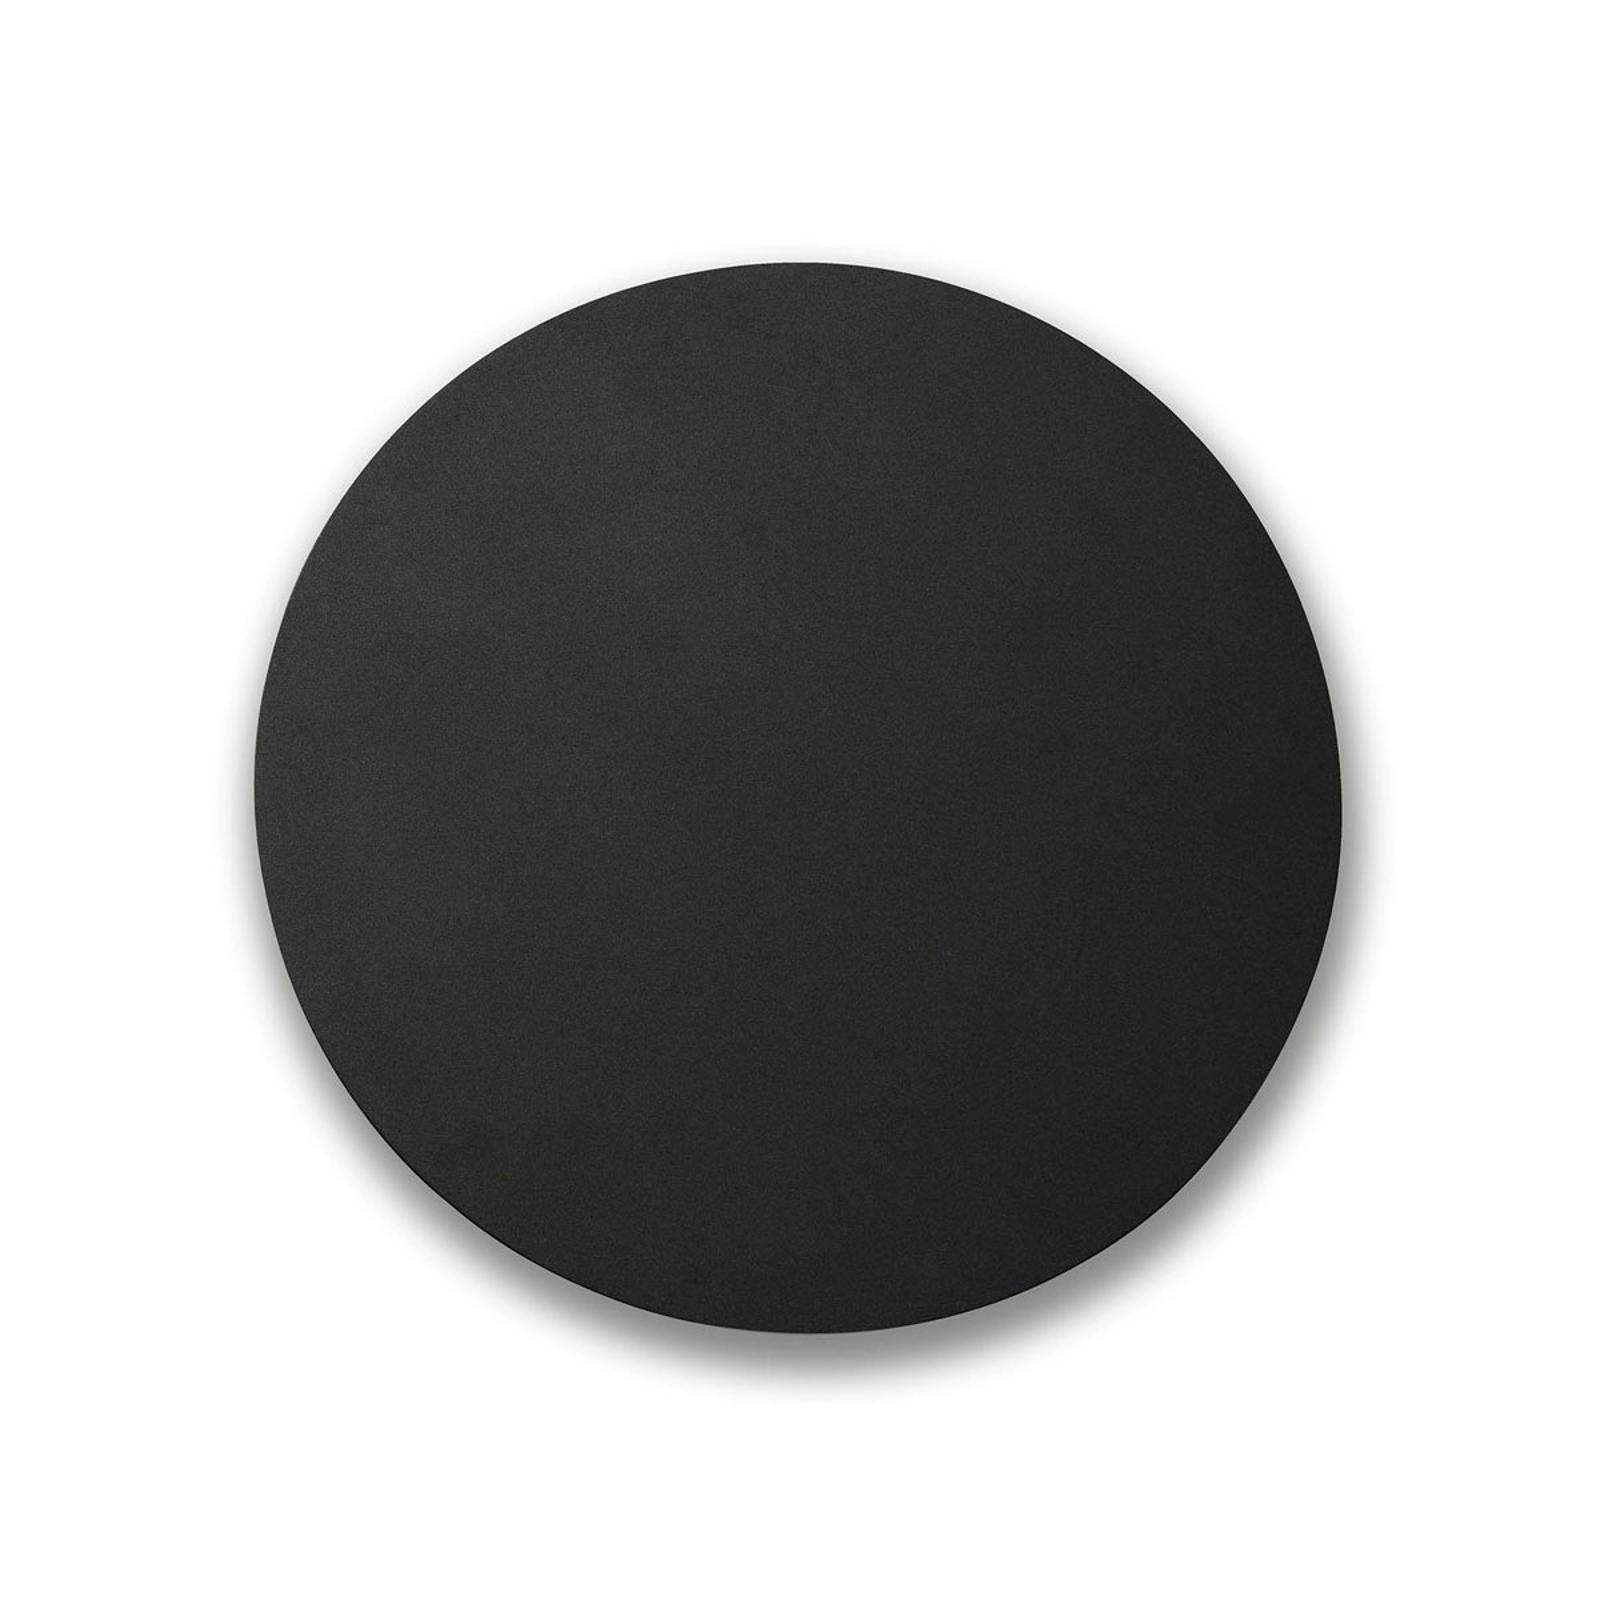 Applique LED Board scrivibile, 35 cm